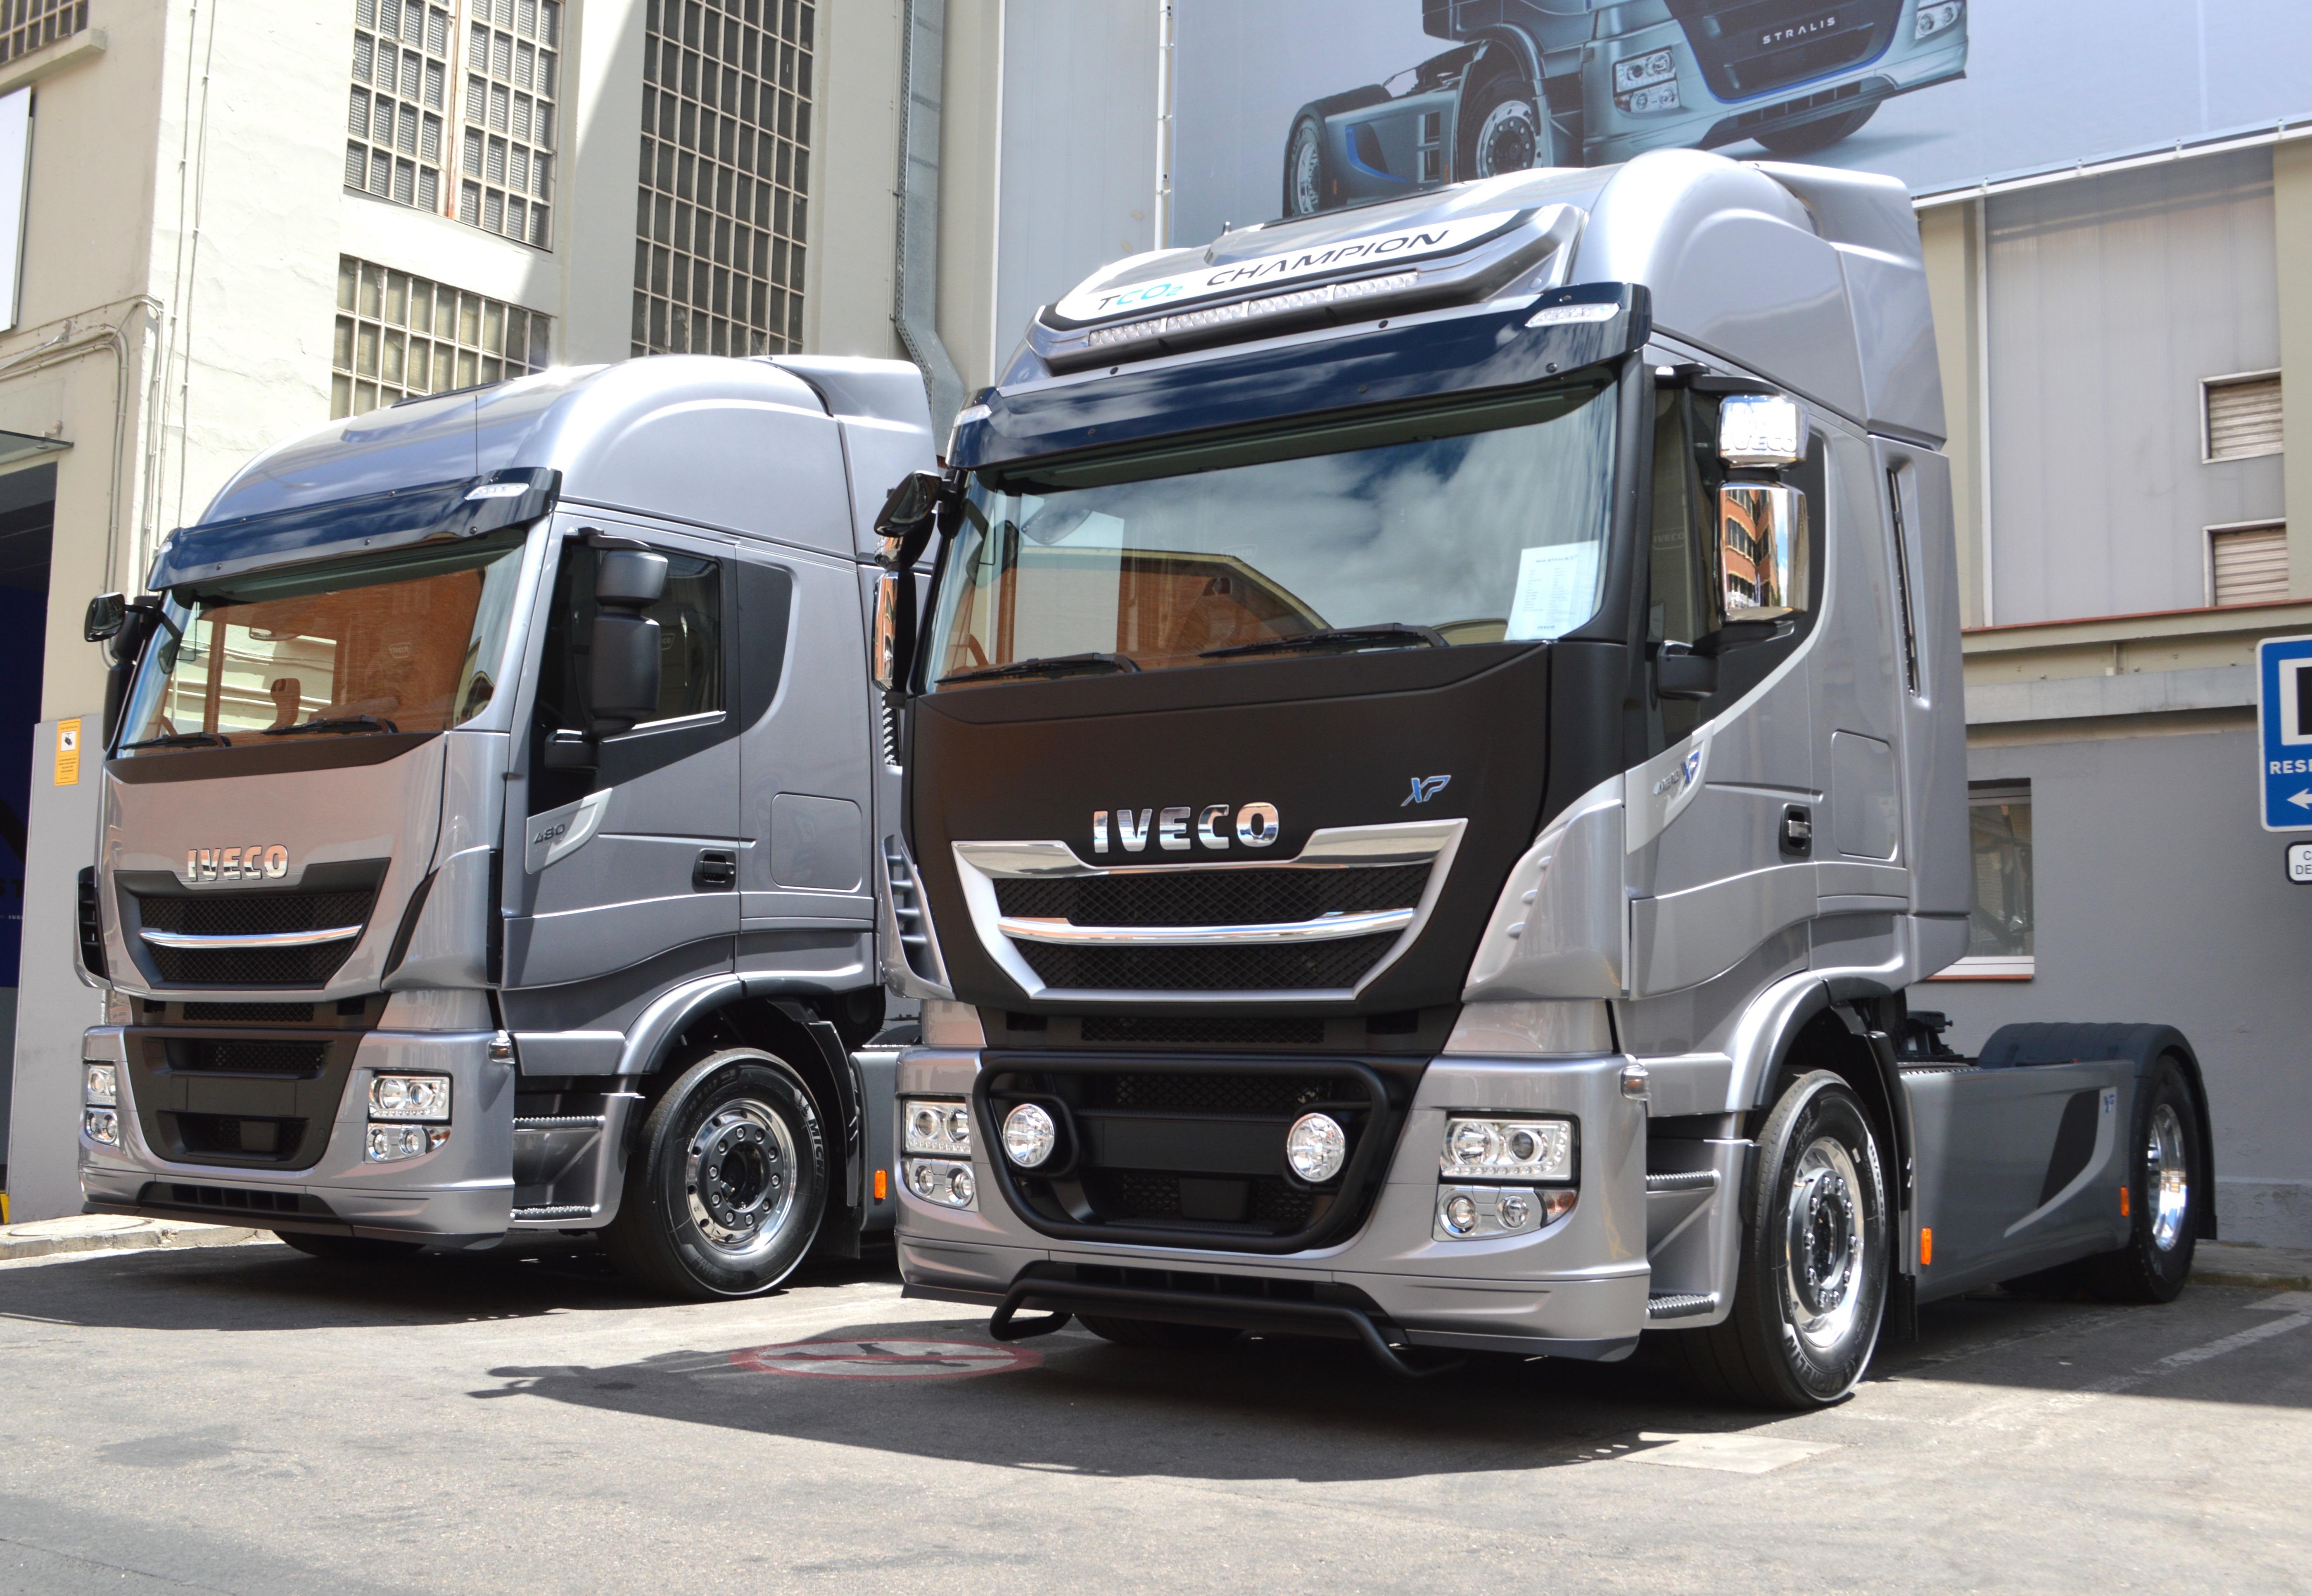 New Stralis van Iveco